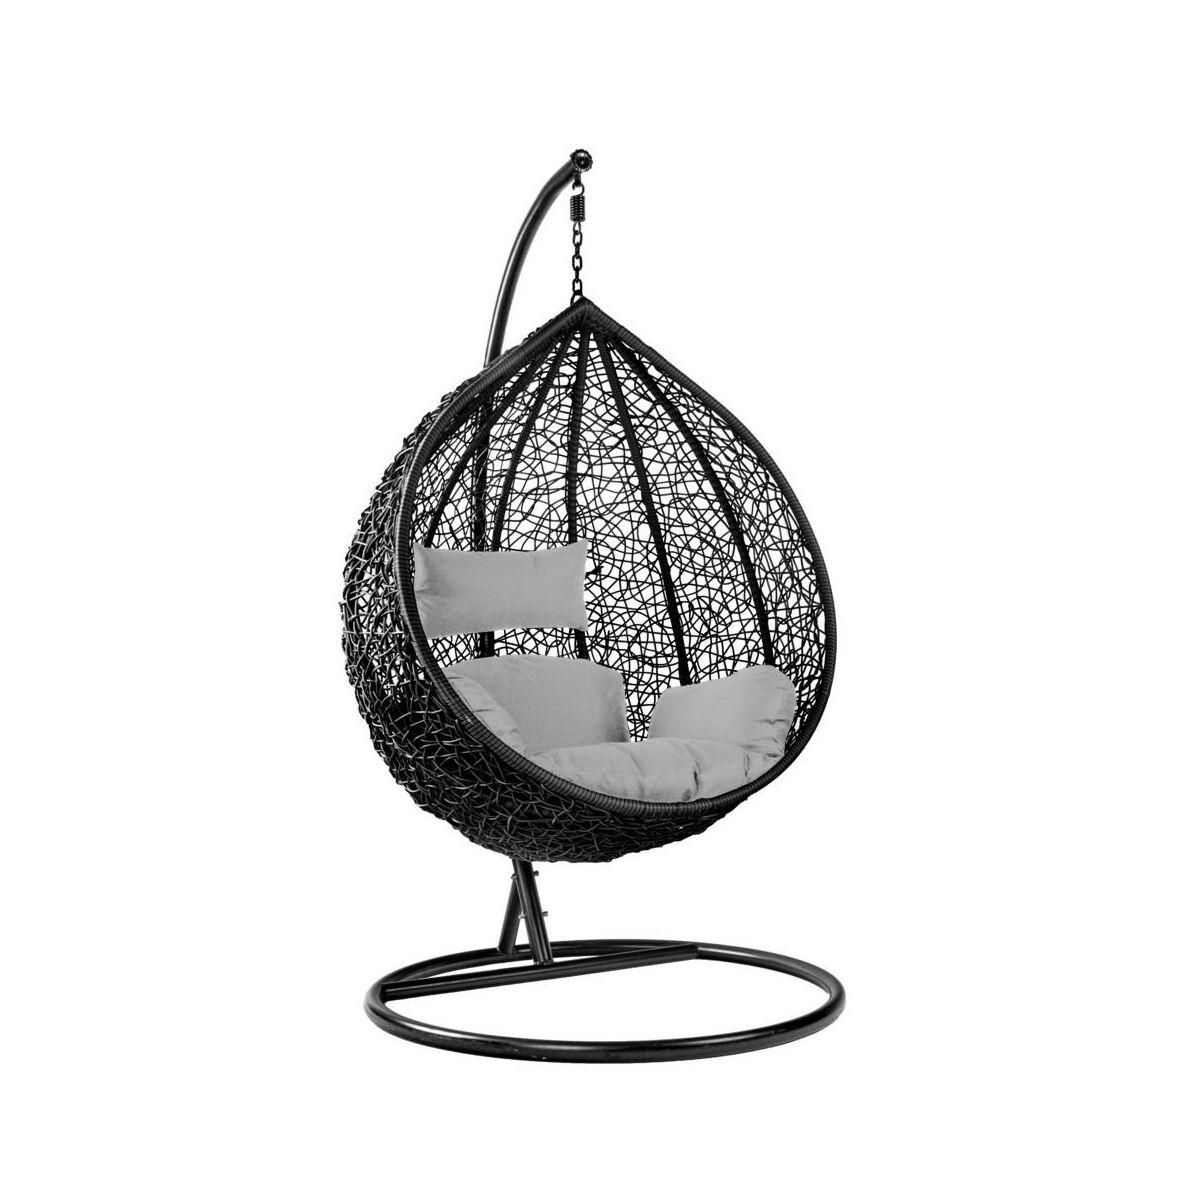 Fotel wiszący / huśtawka SANTA CRUZ czarno-szary